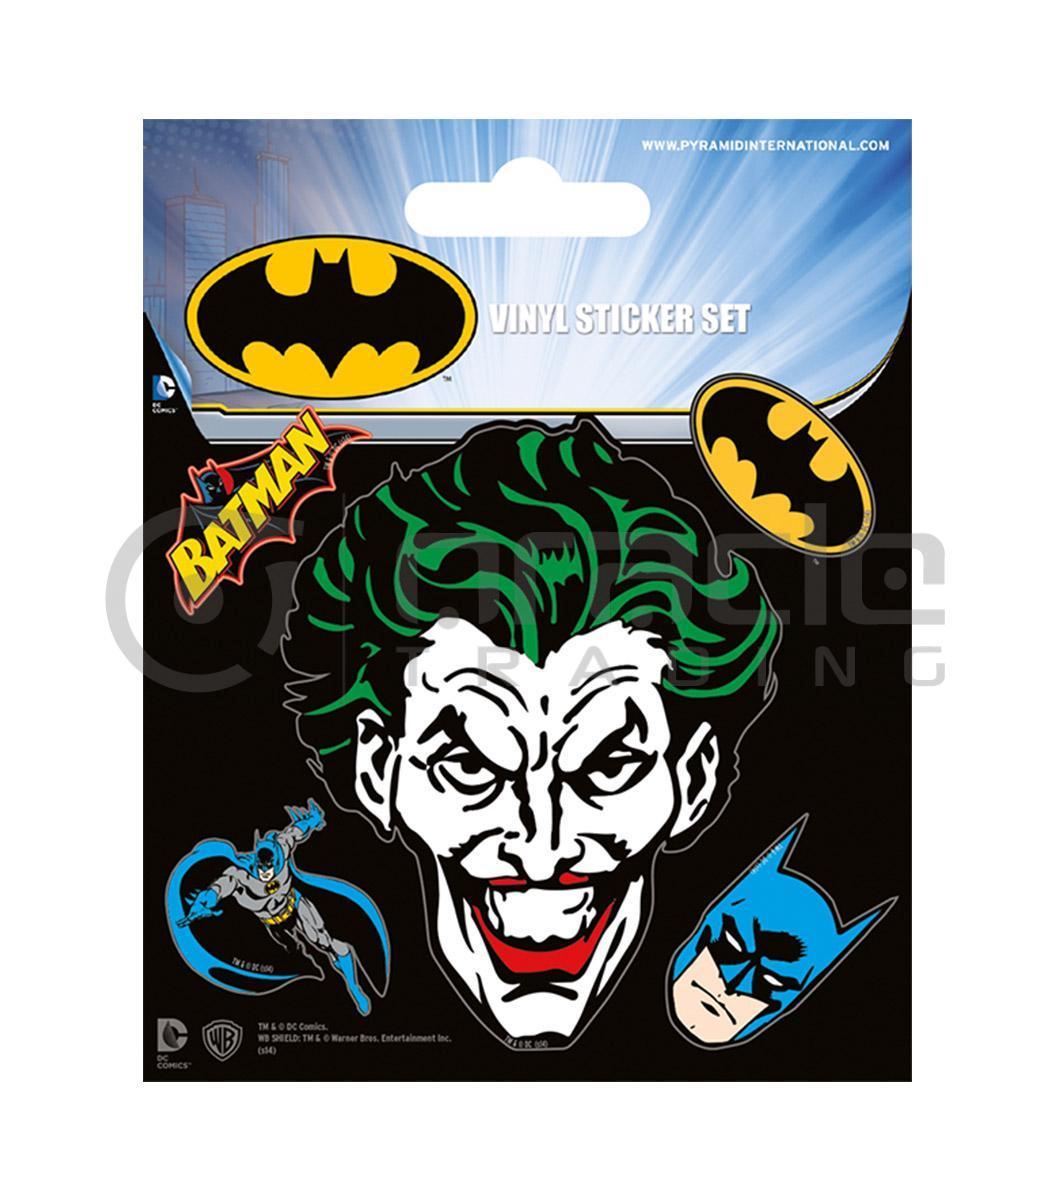 Batman joker vinyl sticker pack